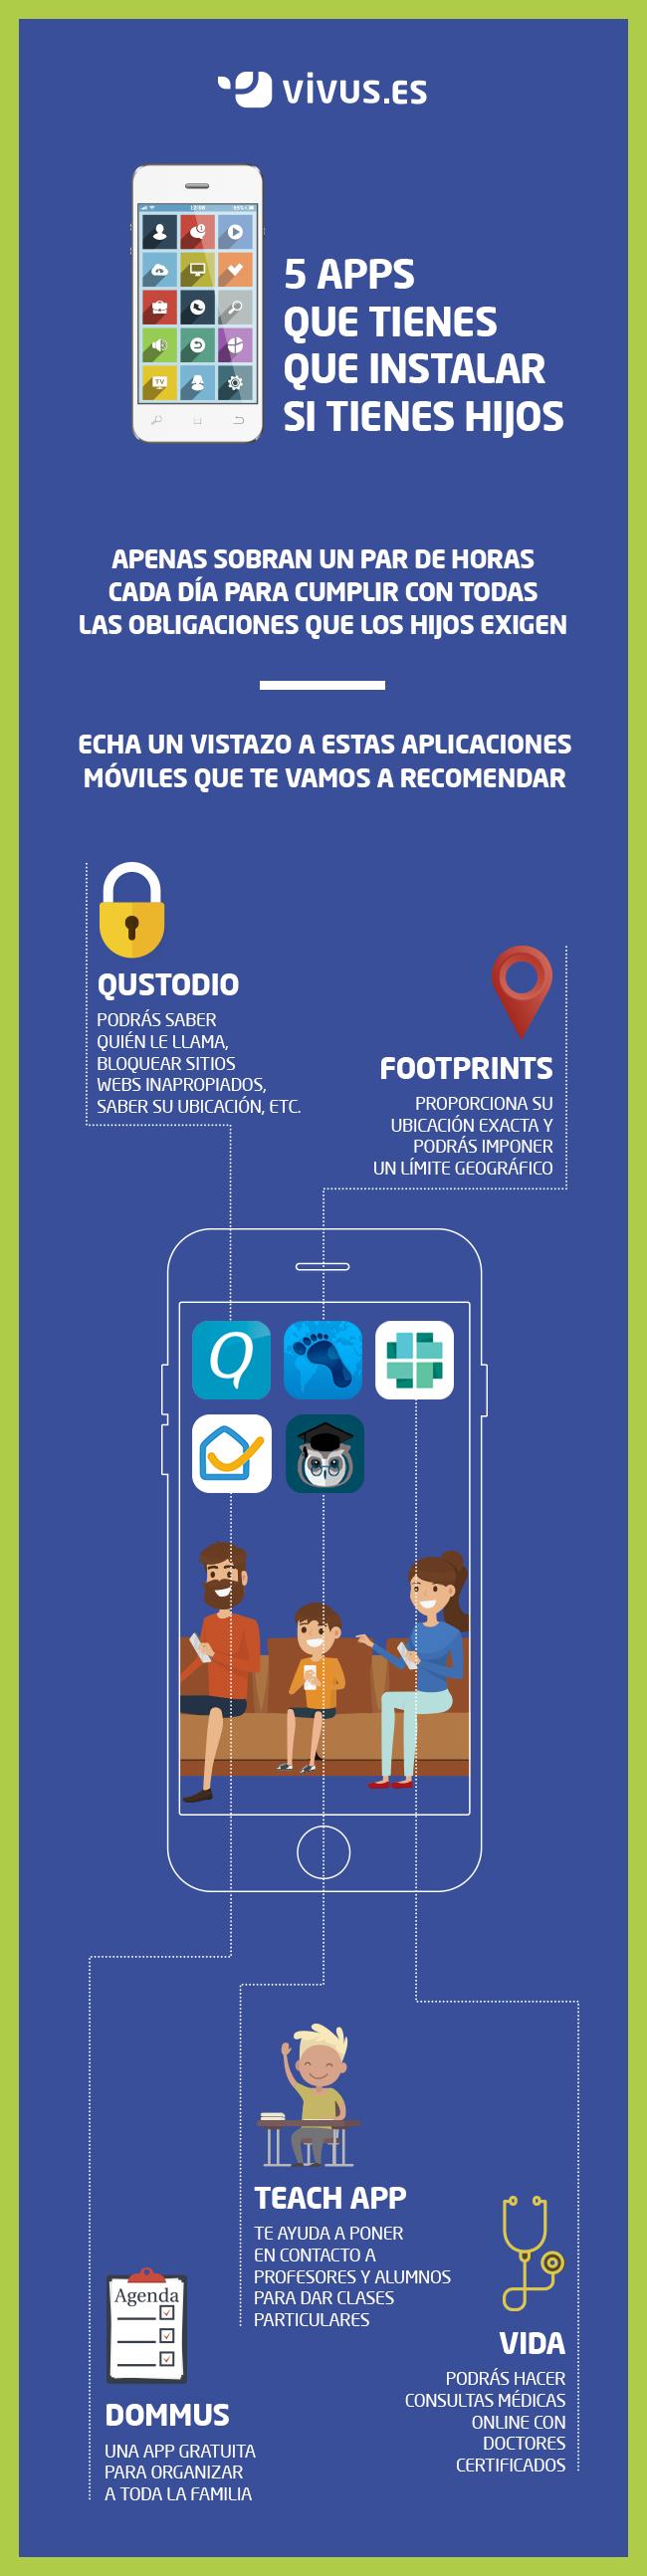 infografia apps hijos